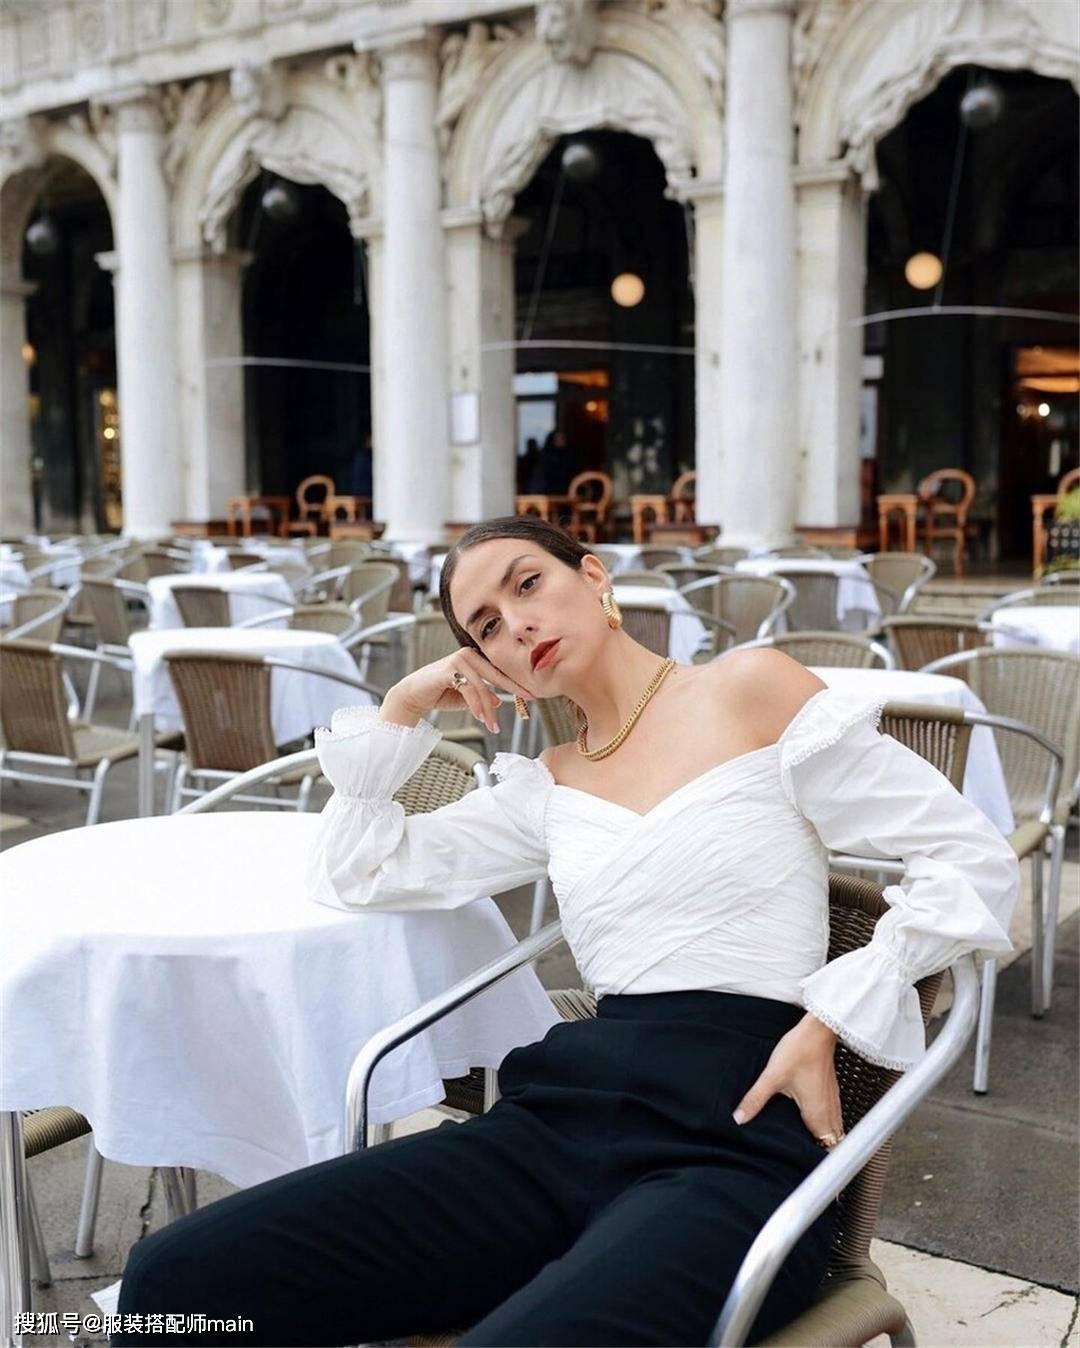 【女生怎么穿泡泡袖好看】为什么别人穿泡泡袖是仙女 你穿却成了金刚芭比